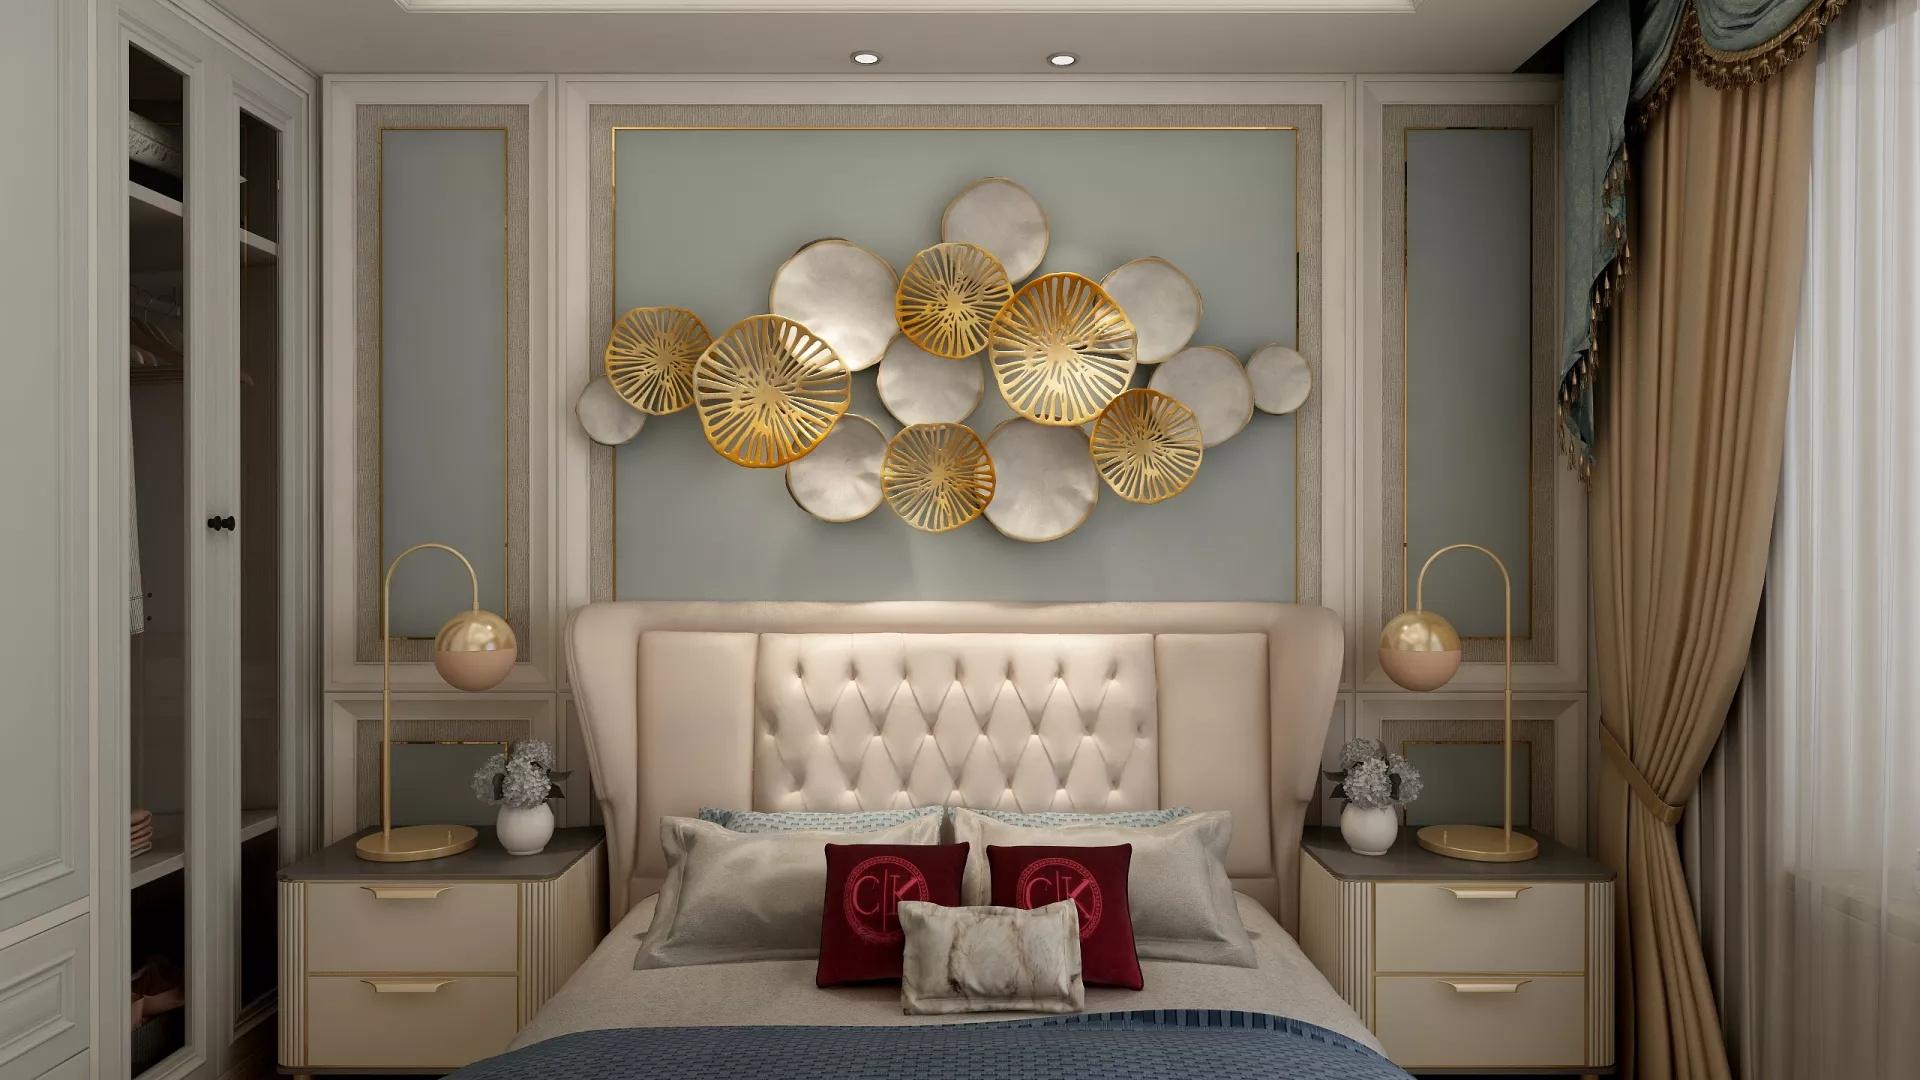 富裕型精装温馨舒适型卧室床装修效果图